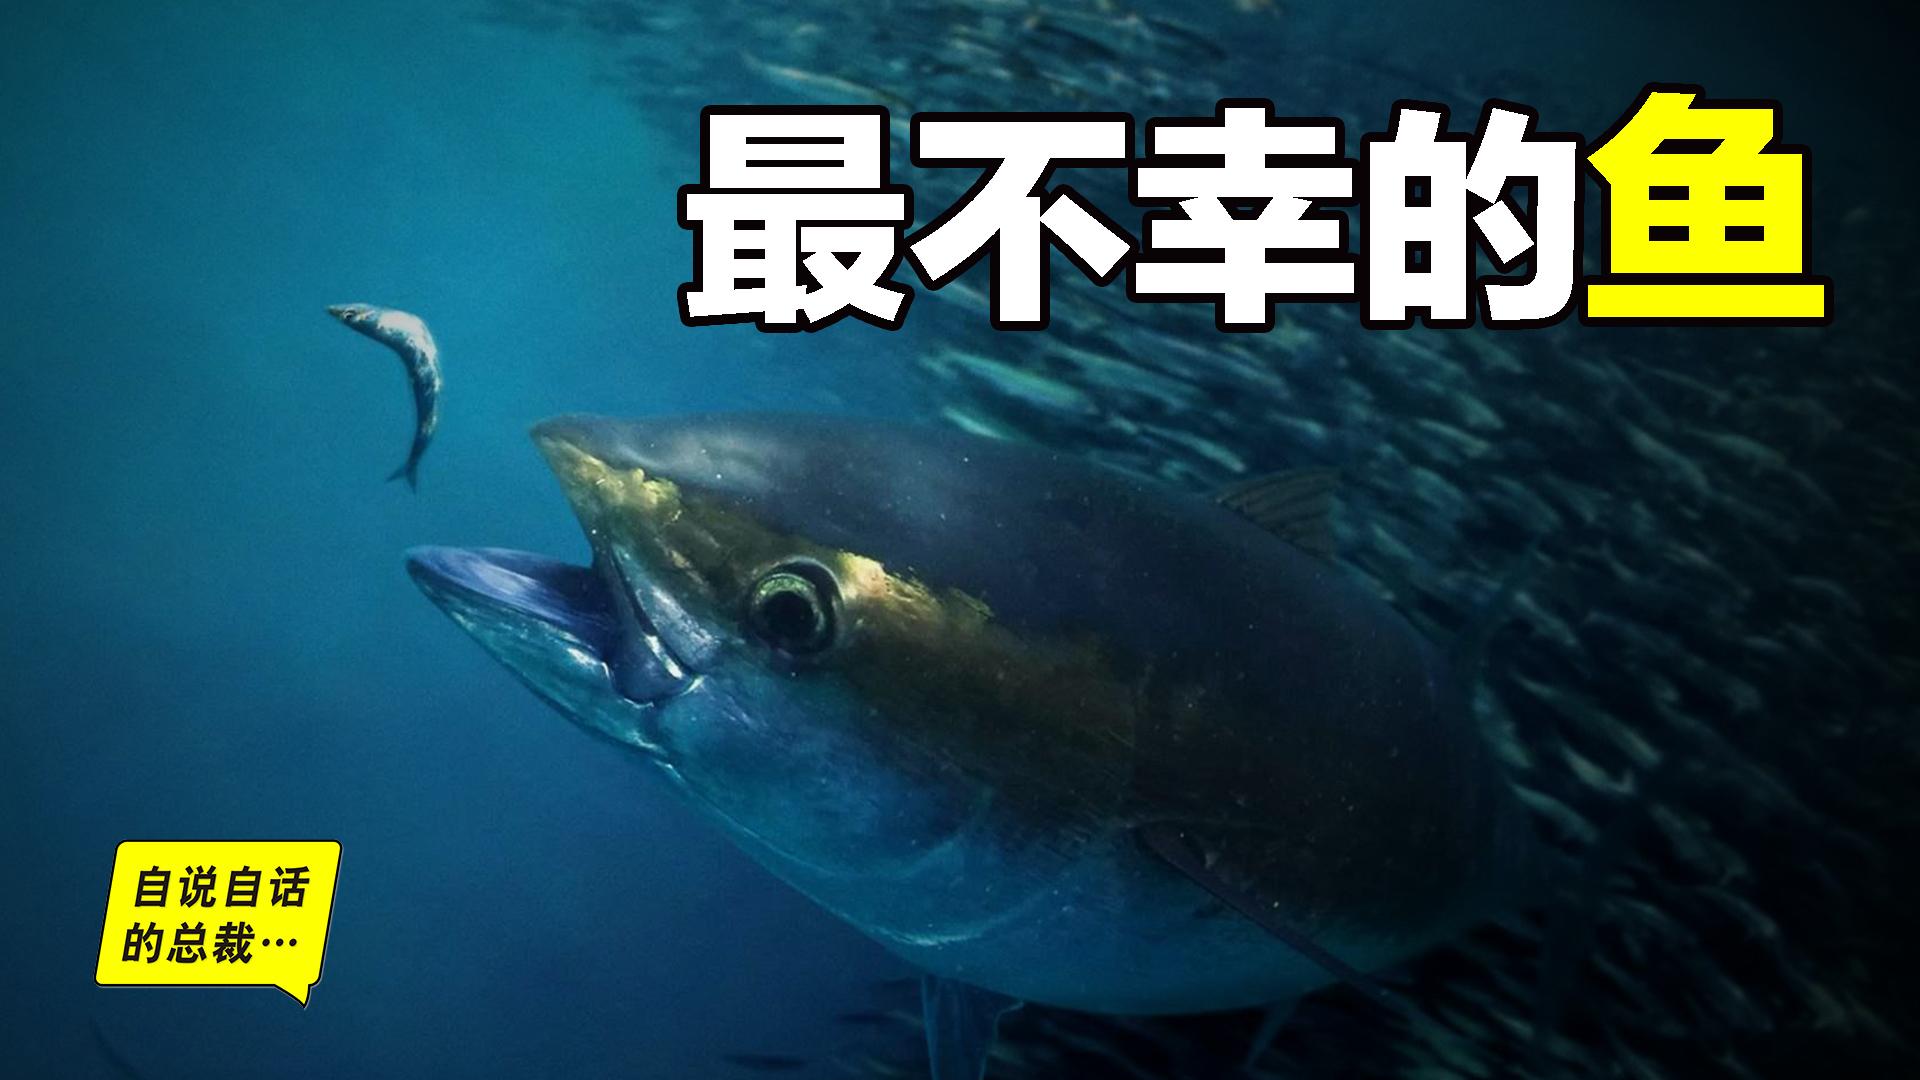 30年前只能做猫粮,今天为何变成奢侈品?蓝鳍金枪鱼为何如此贵?